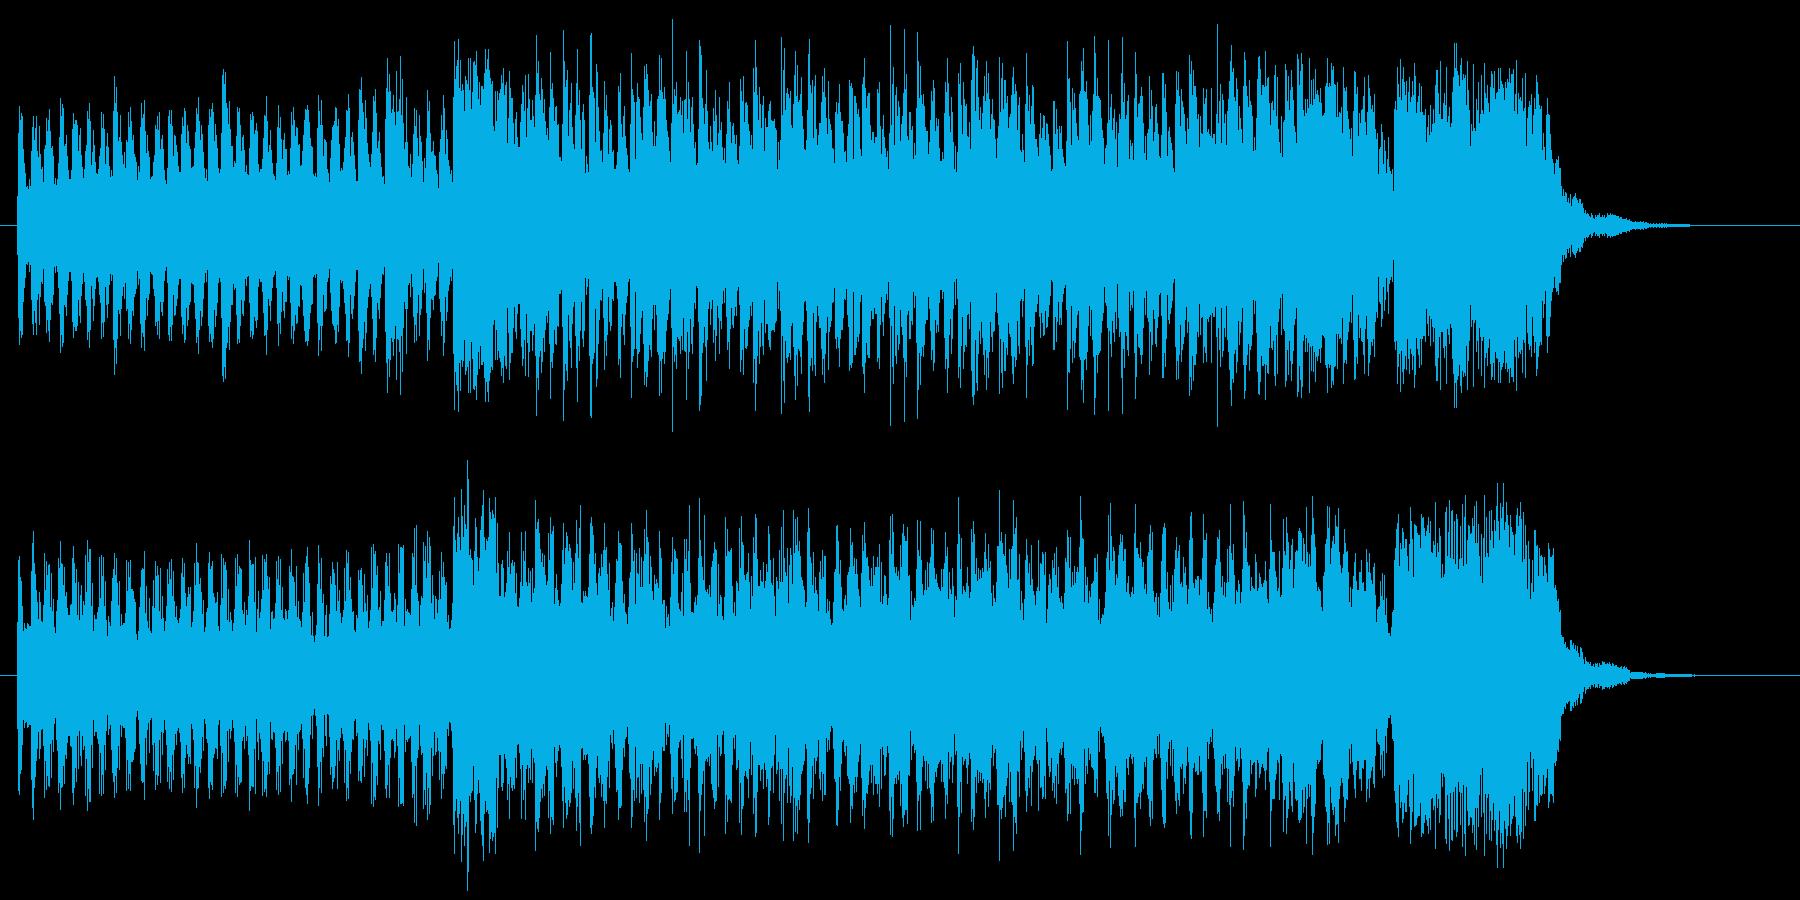 ダークでしなやかなシンセジングルの再生済みの波形